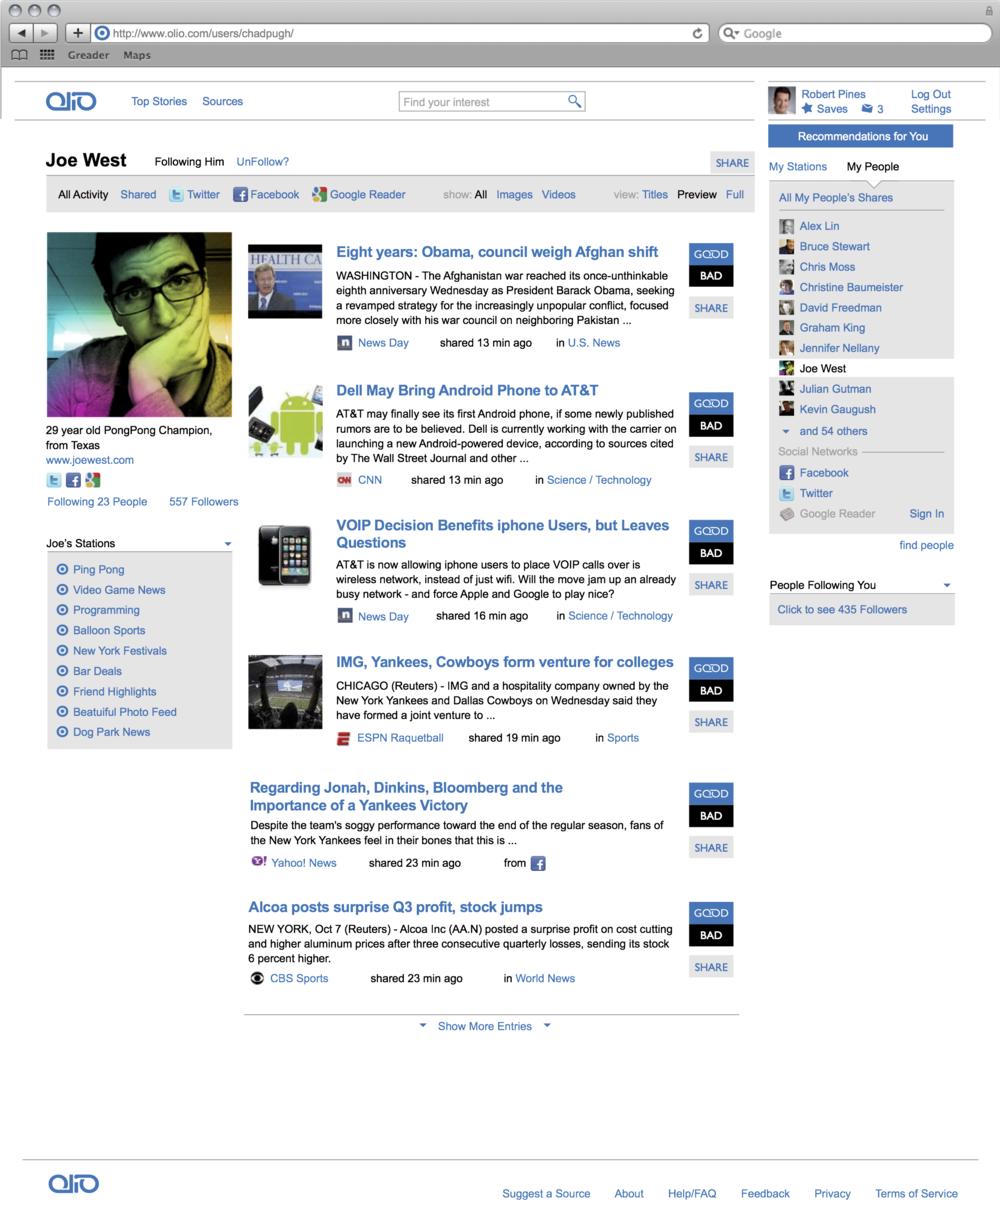 olio_profile.png